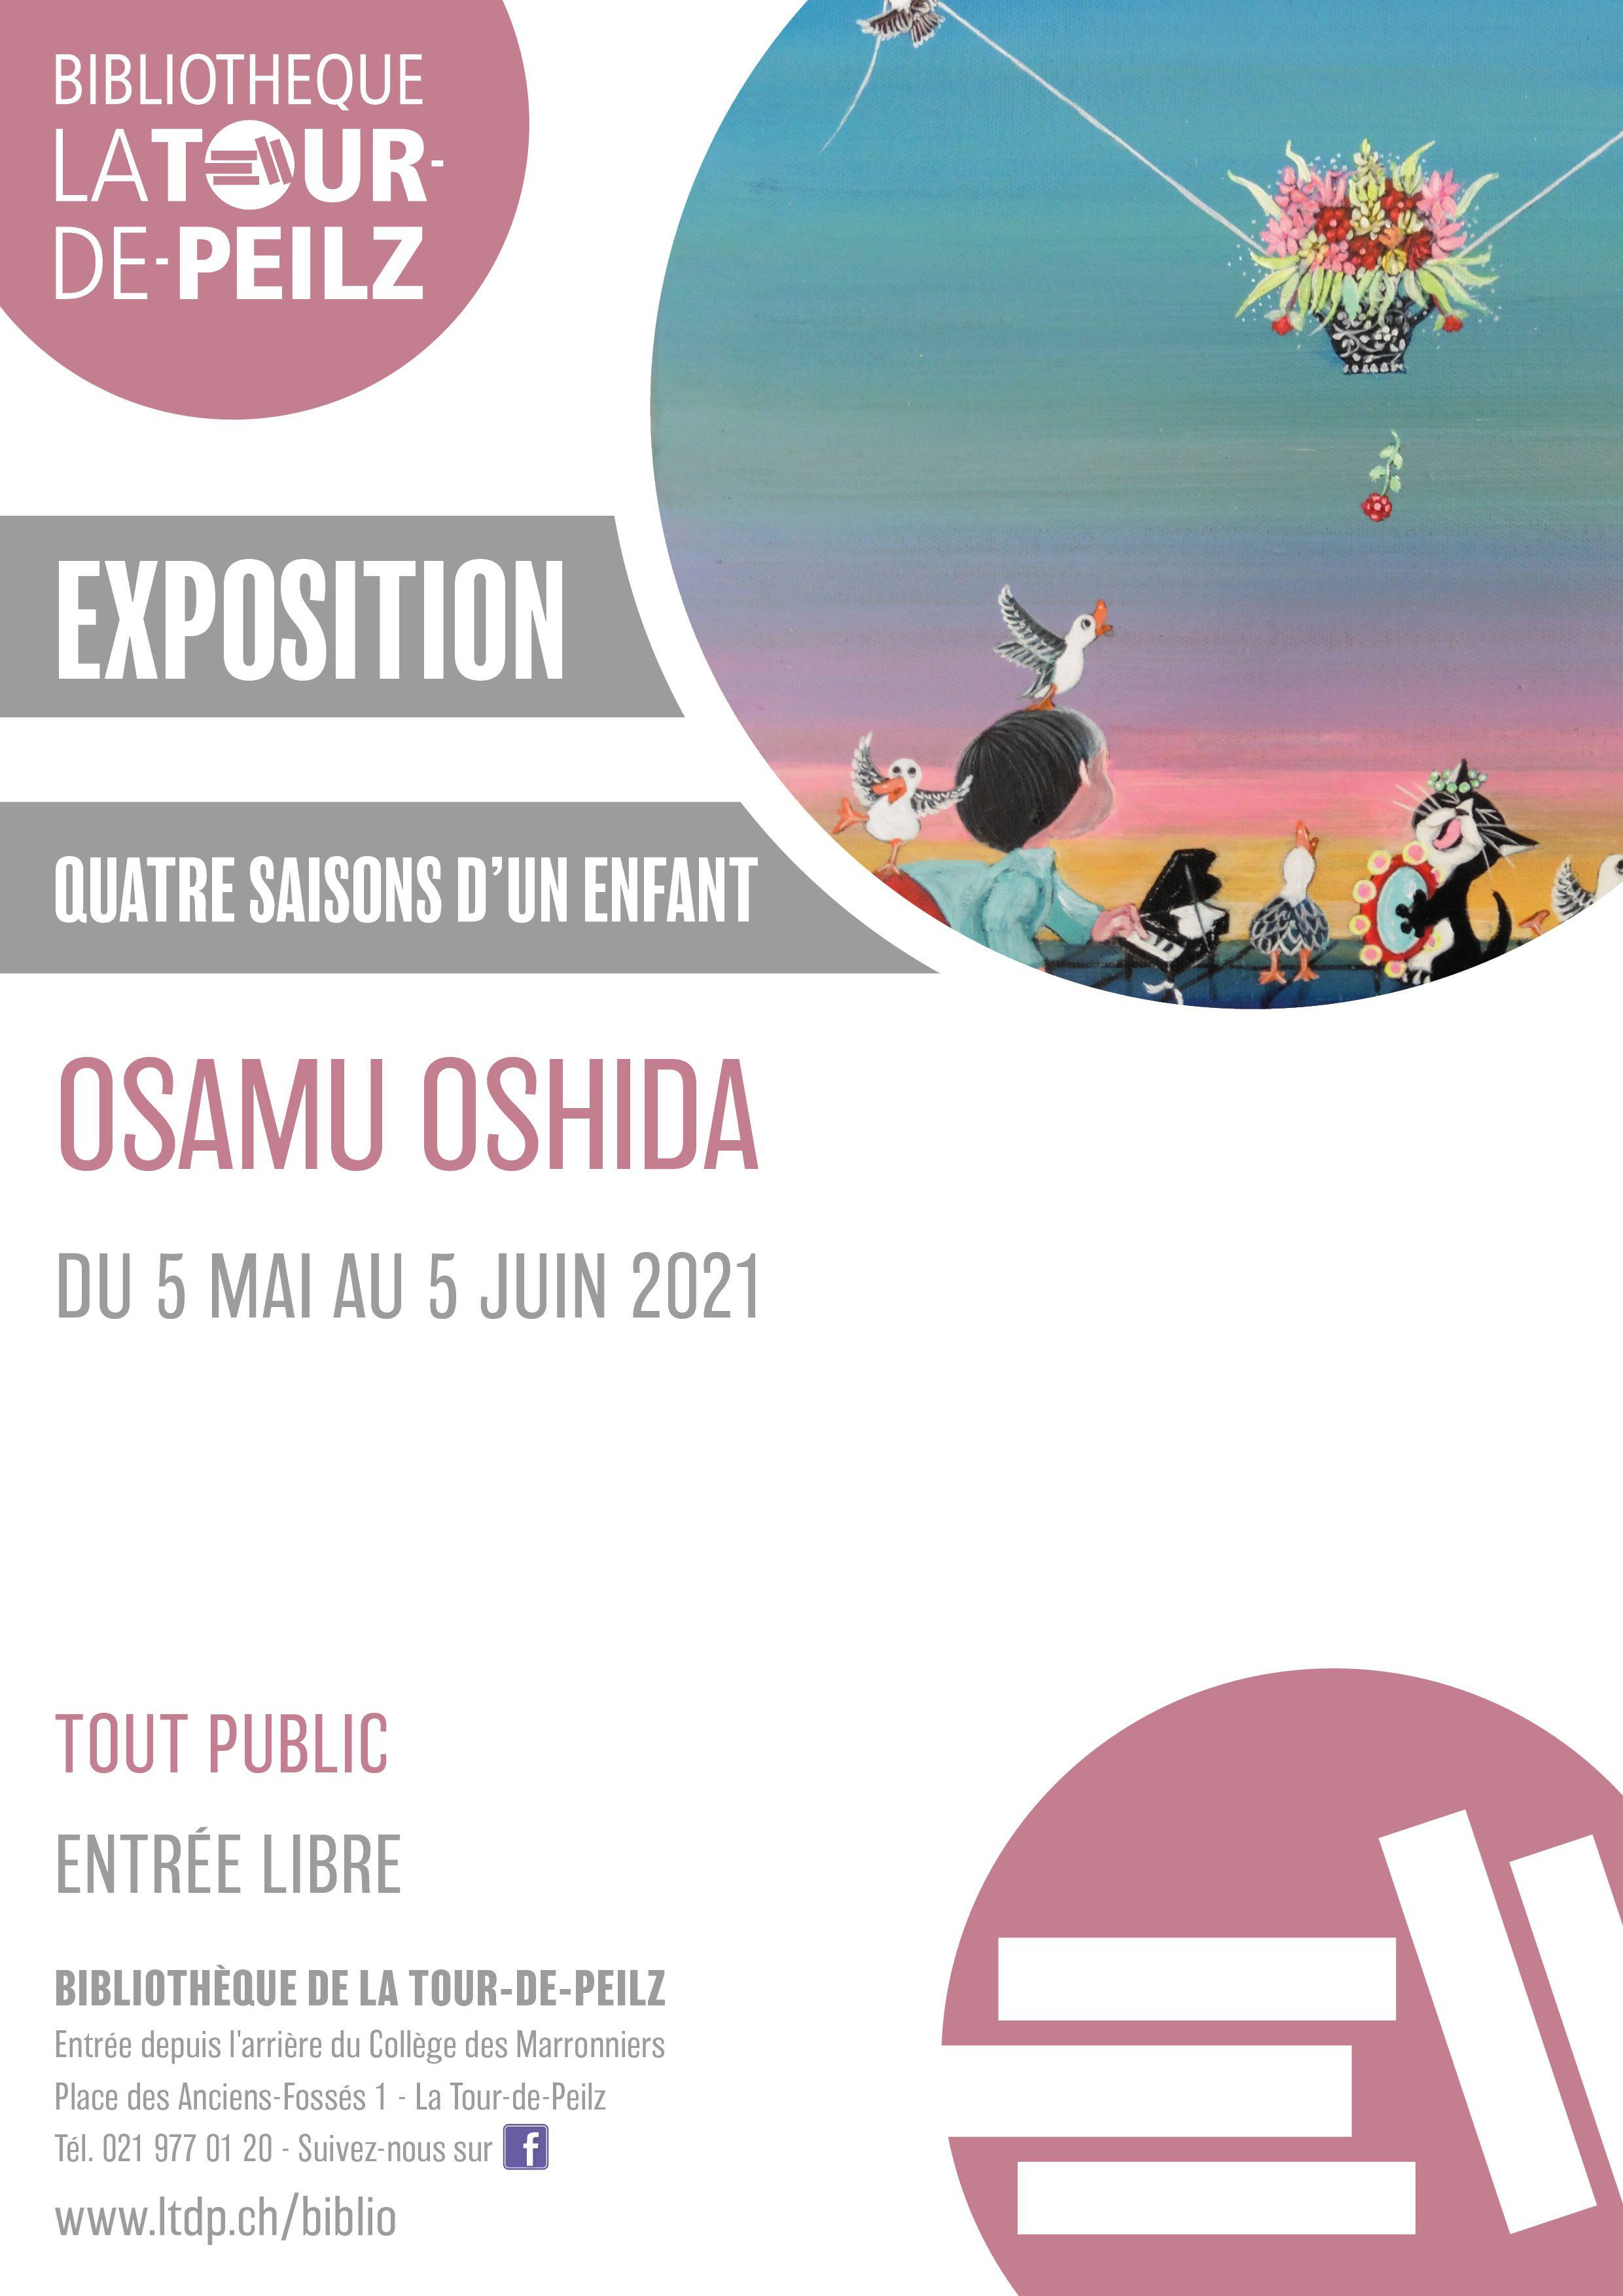 Exposition « Quatre saisons d'un enfant » d'Osamu Oshida